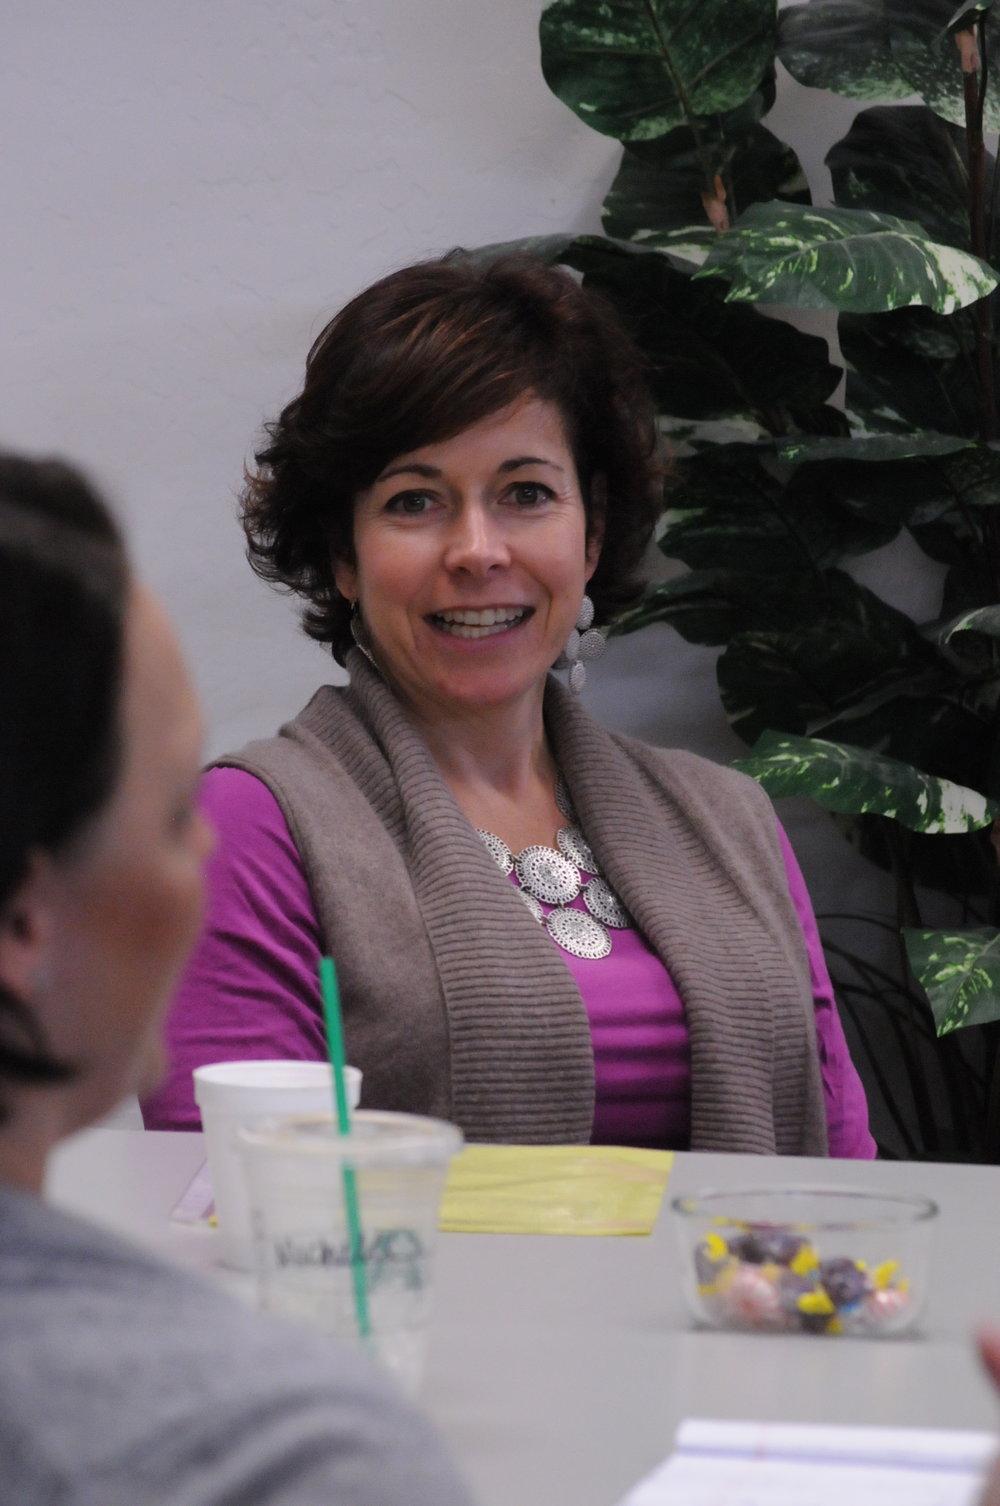 Liz Hill, CU Boulder Ombuds